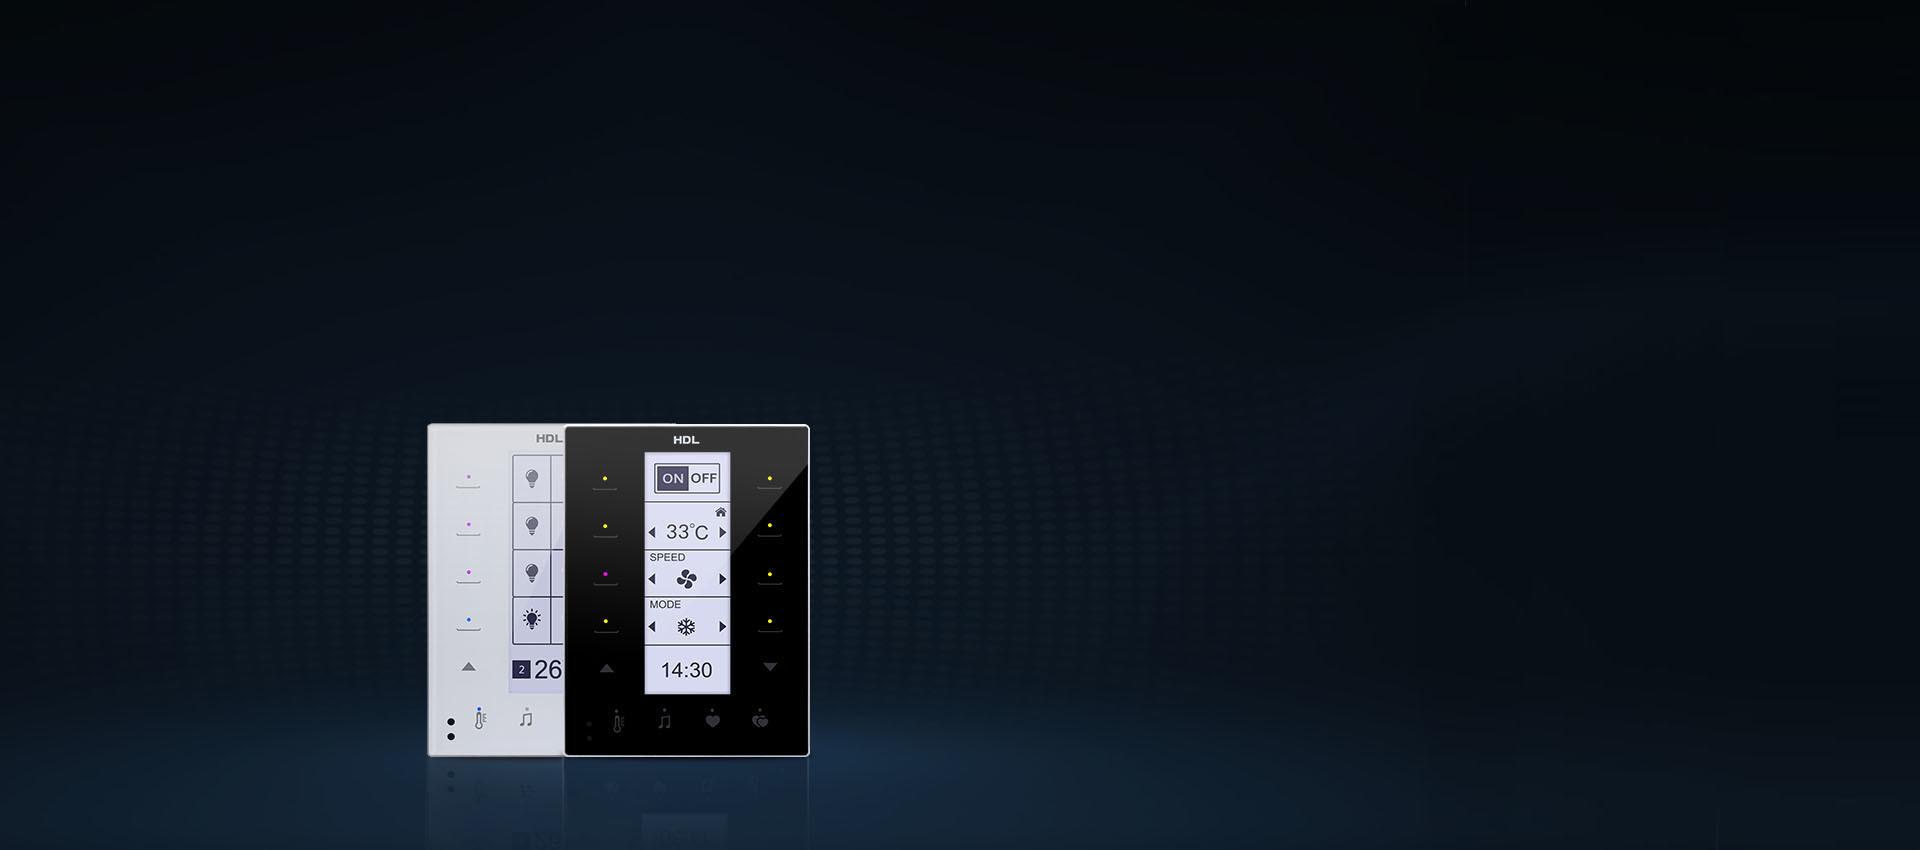 خانه هوشمند HDL | کلید هوشمند اچ دی ال HDL DLP Touch